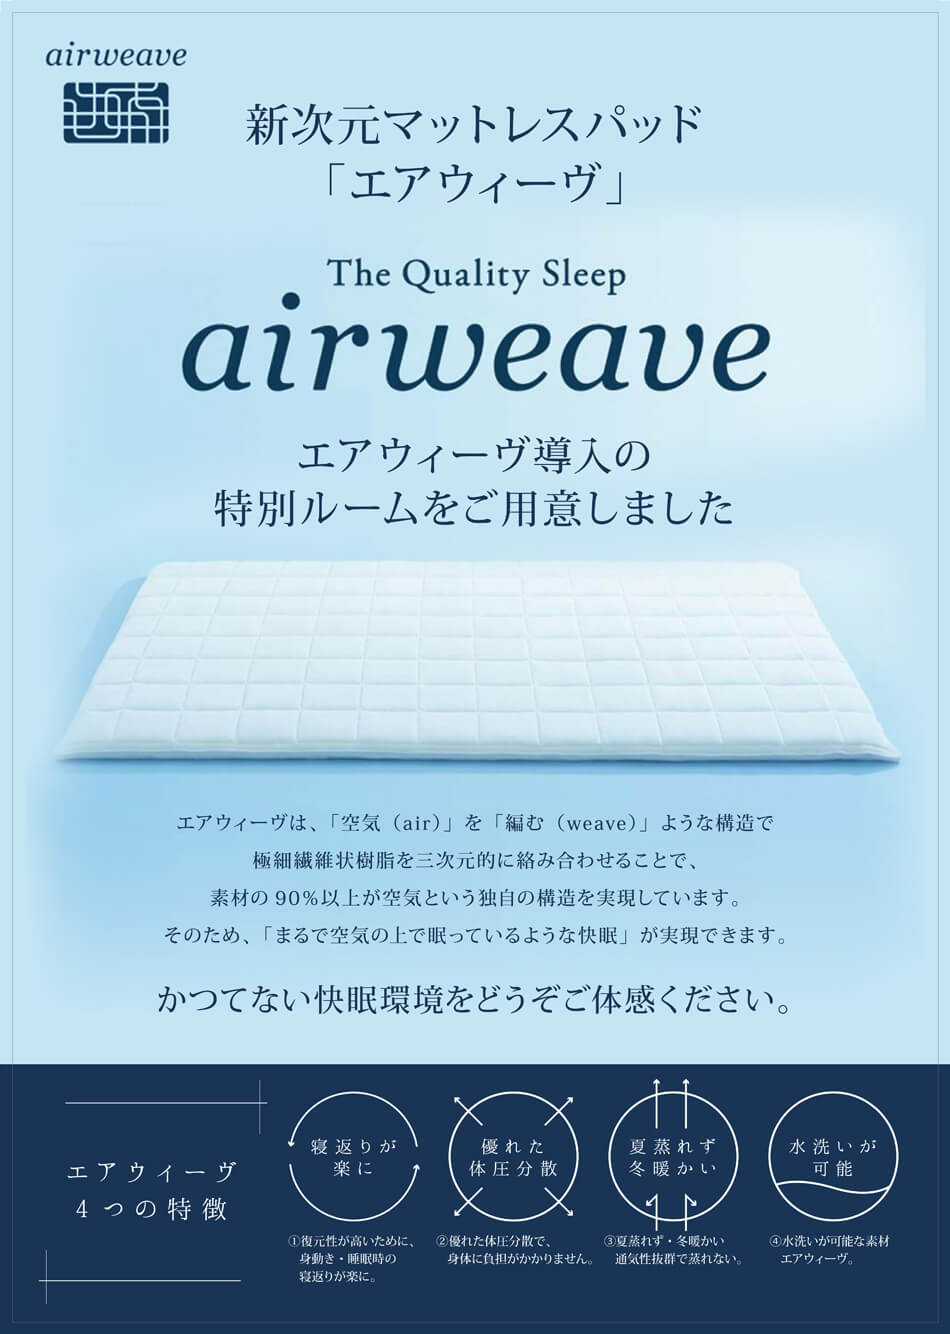 新次元マットレスパッド「エアウィーブ」 air weave